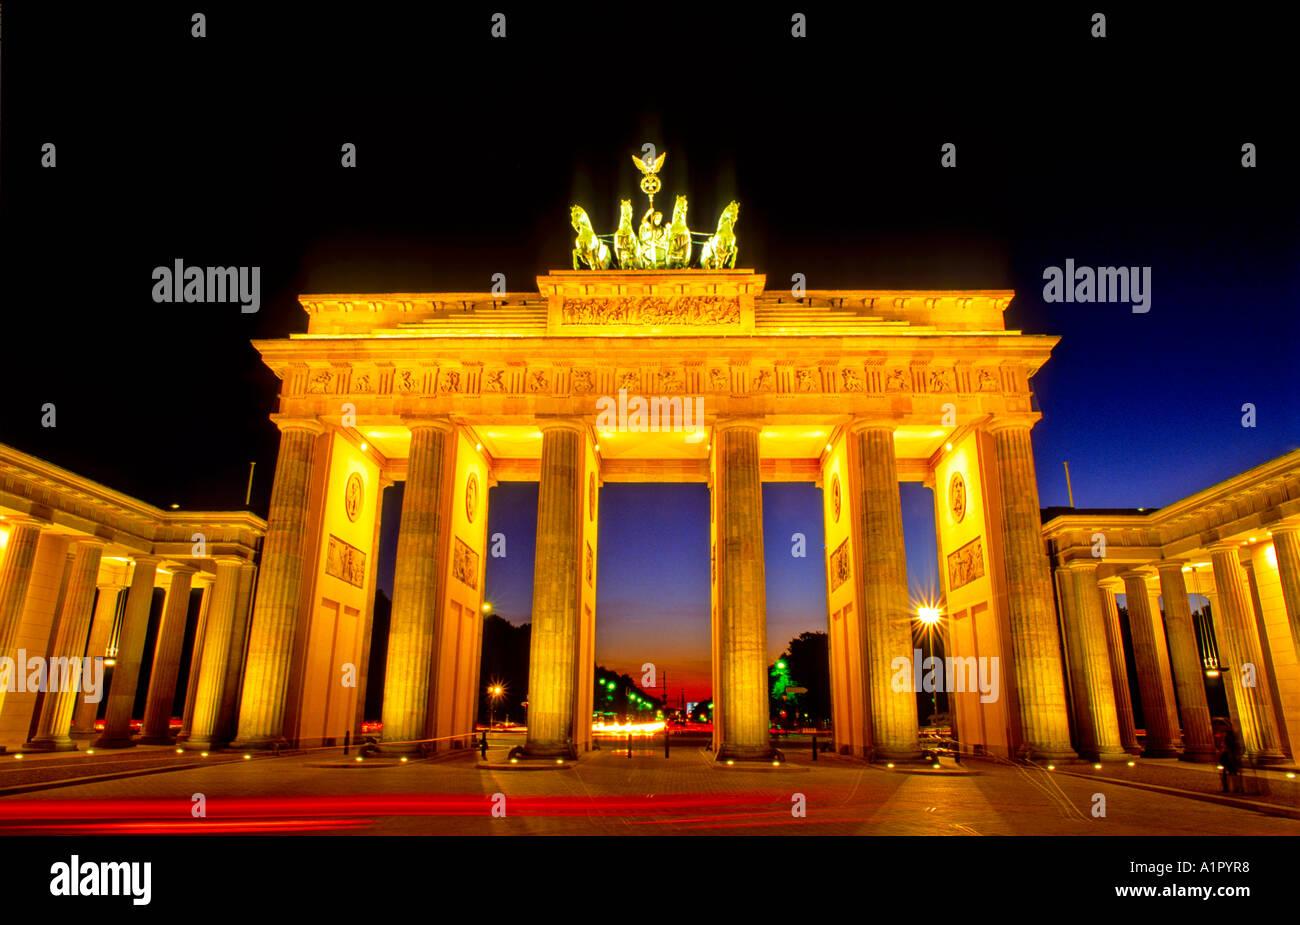 Puerta histórica Brandenburger Tor por la noche la plaza de París, Berlín, Alemania Imagen De Stock